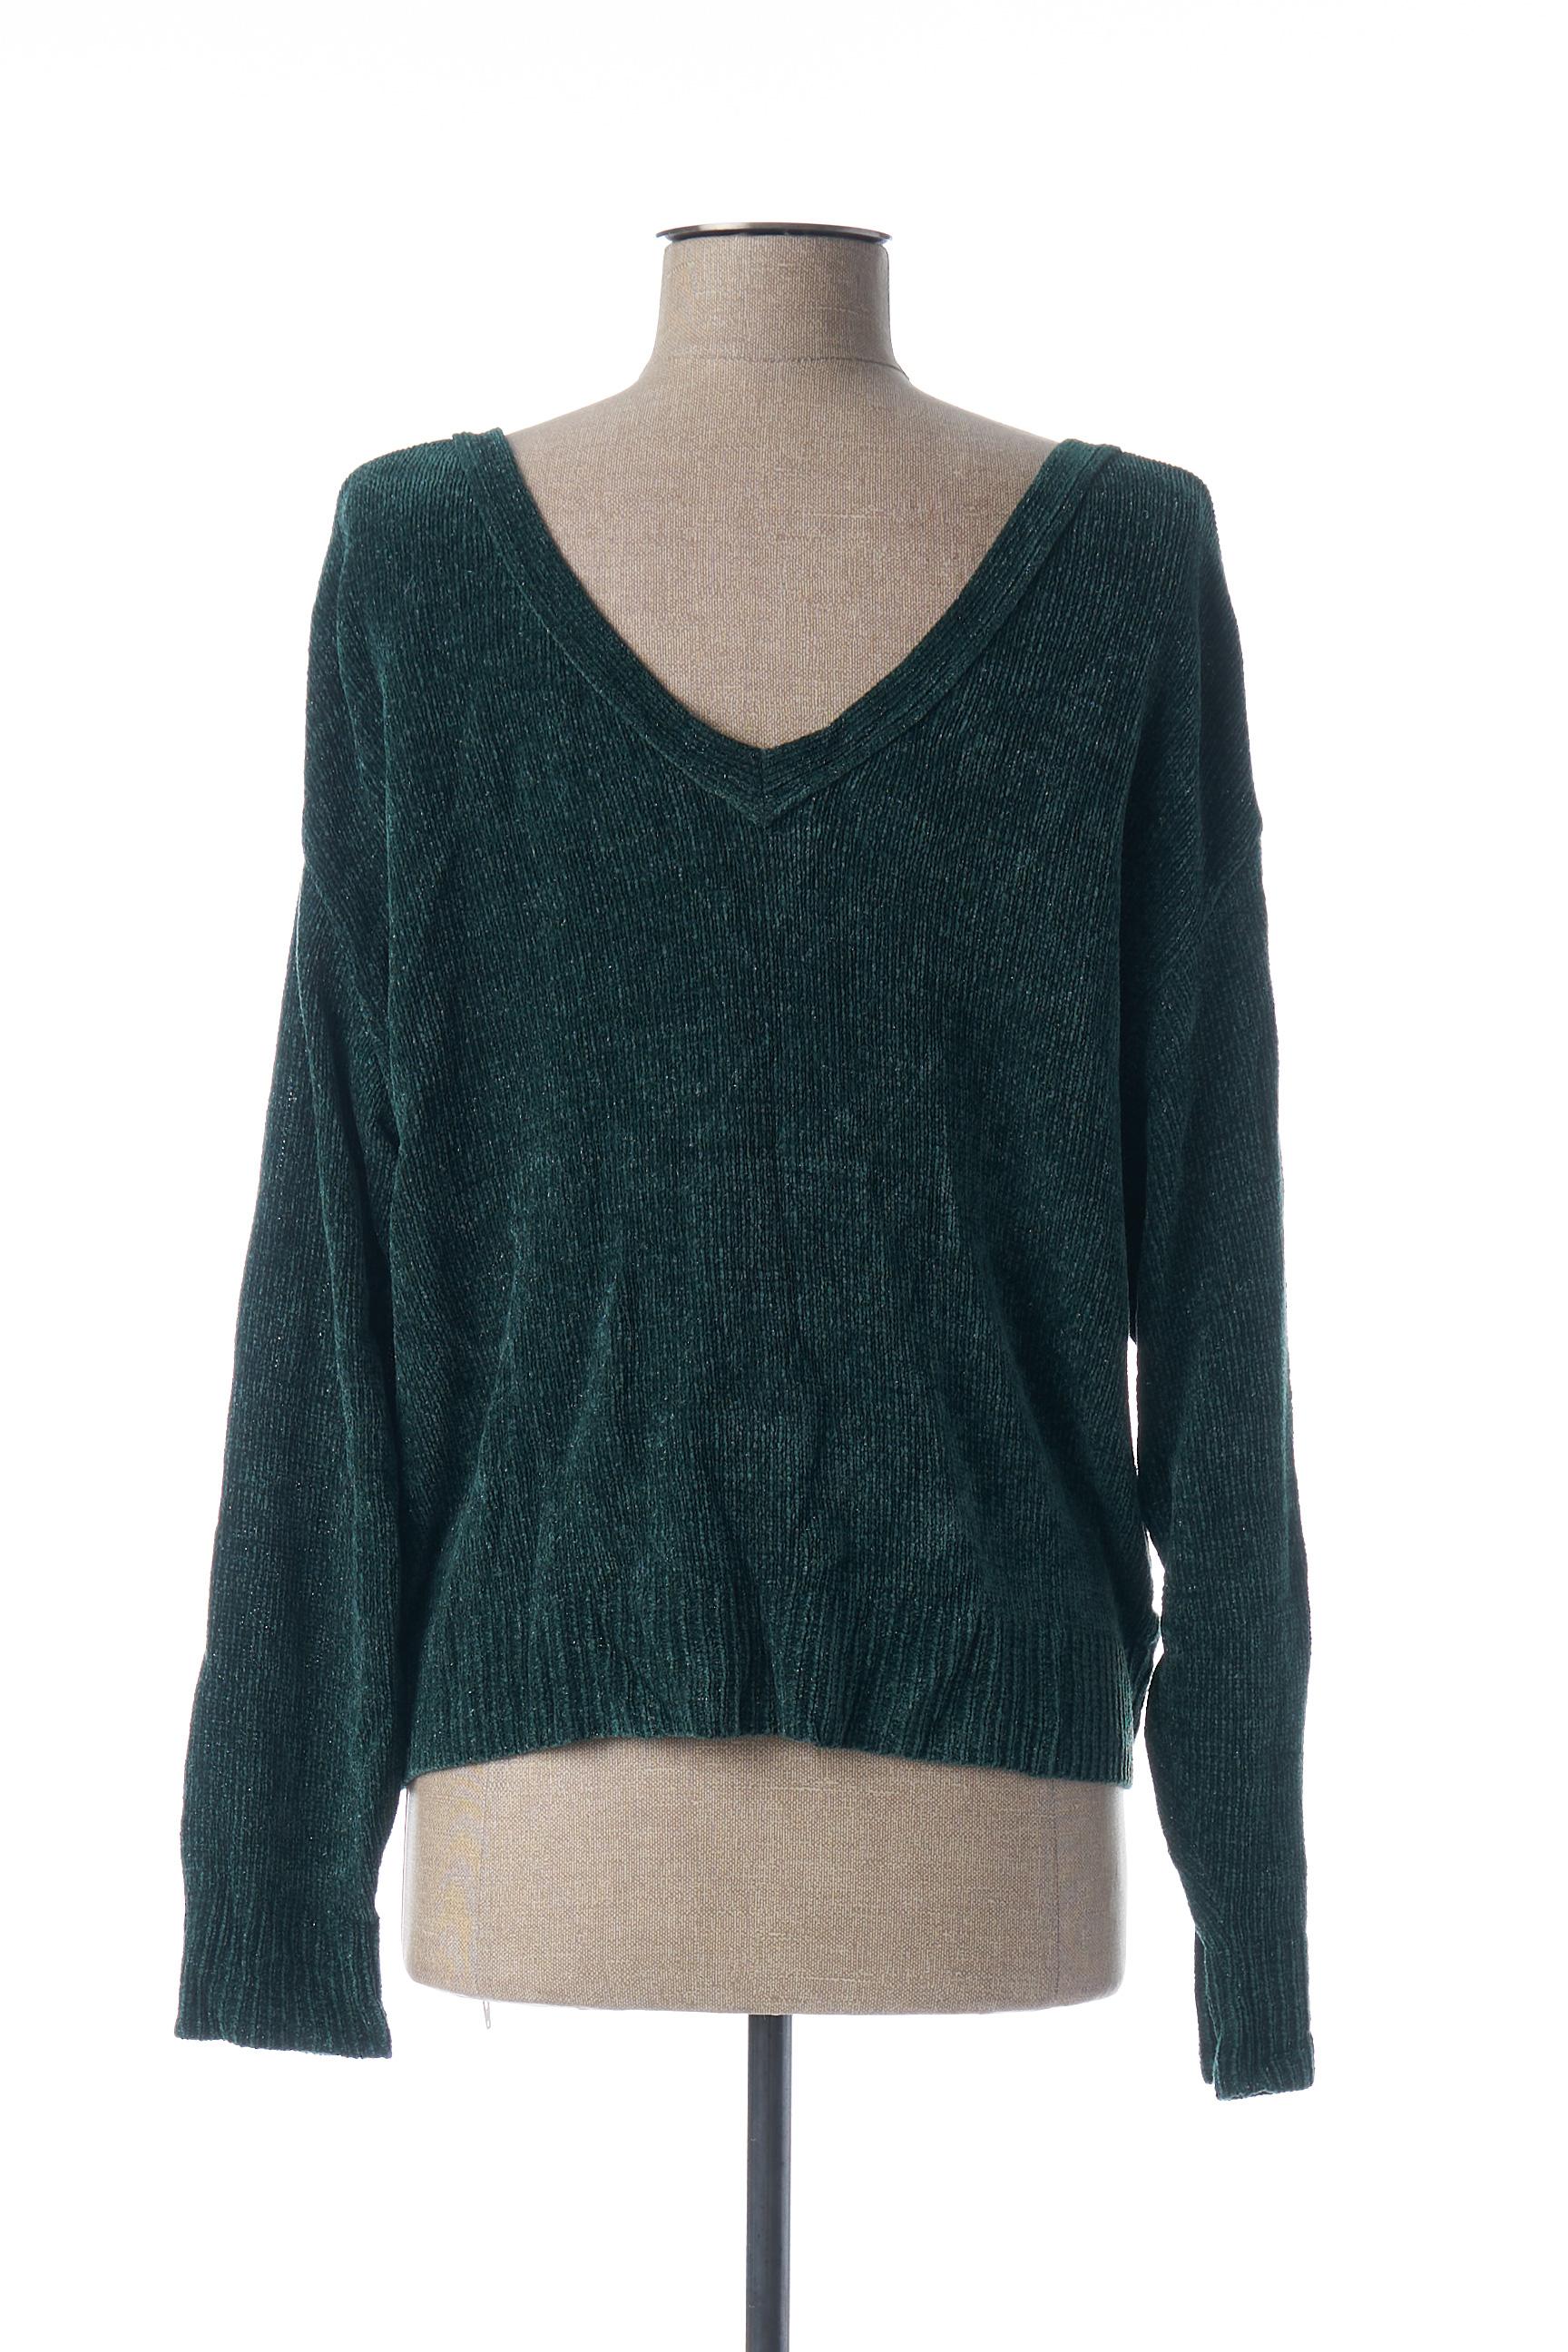 Le Petit Baigneur Cardigans Femme De Couleur Vert En Soldes Pas Cher 1449005-vert00